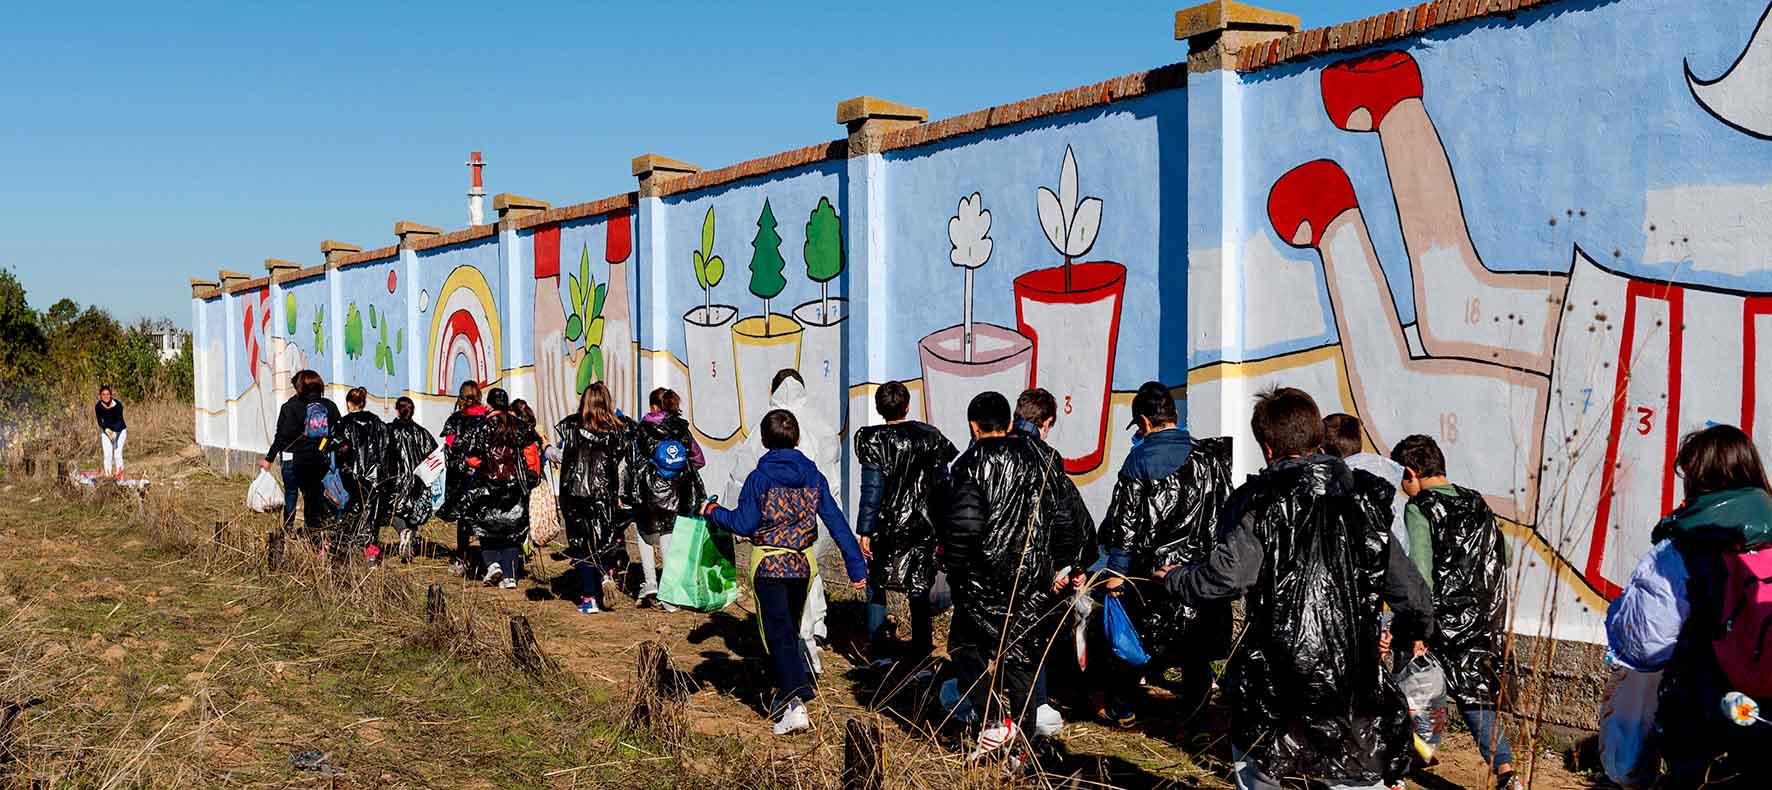 mural izas bosque sueños 6